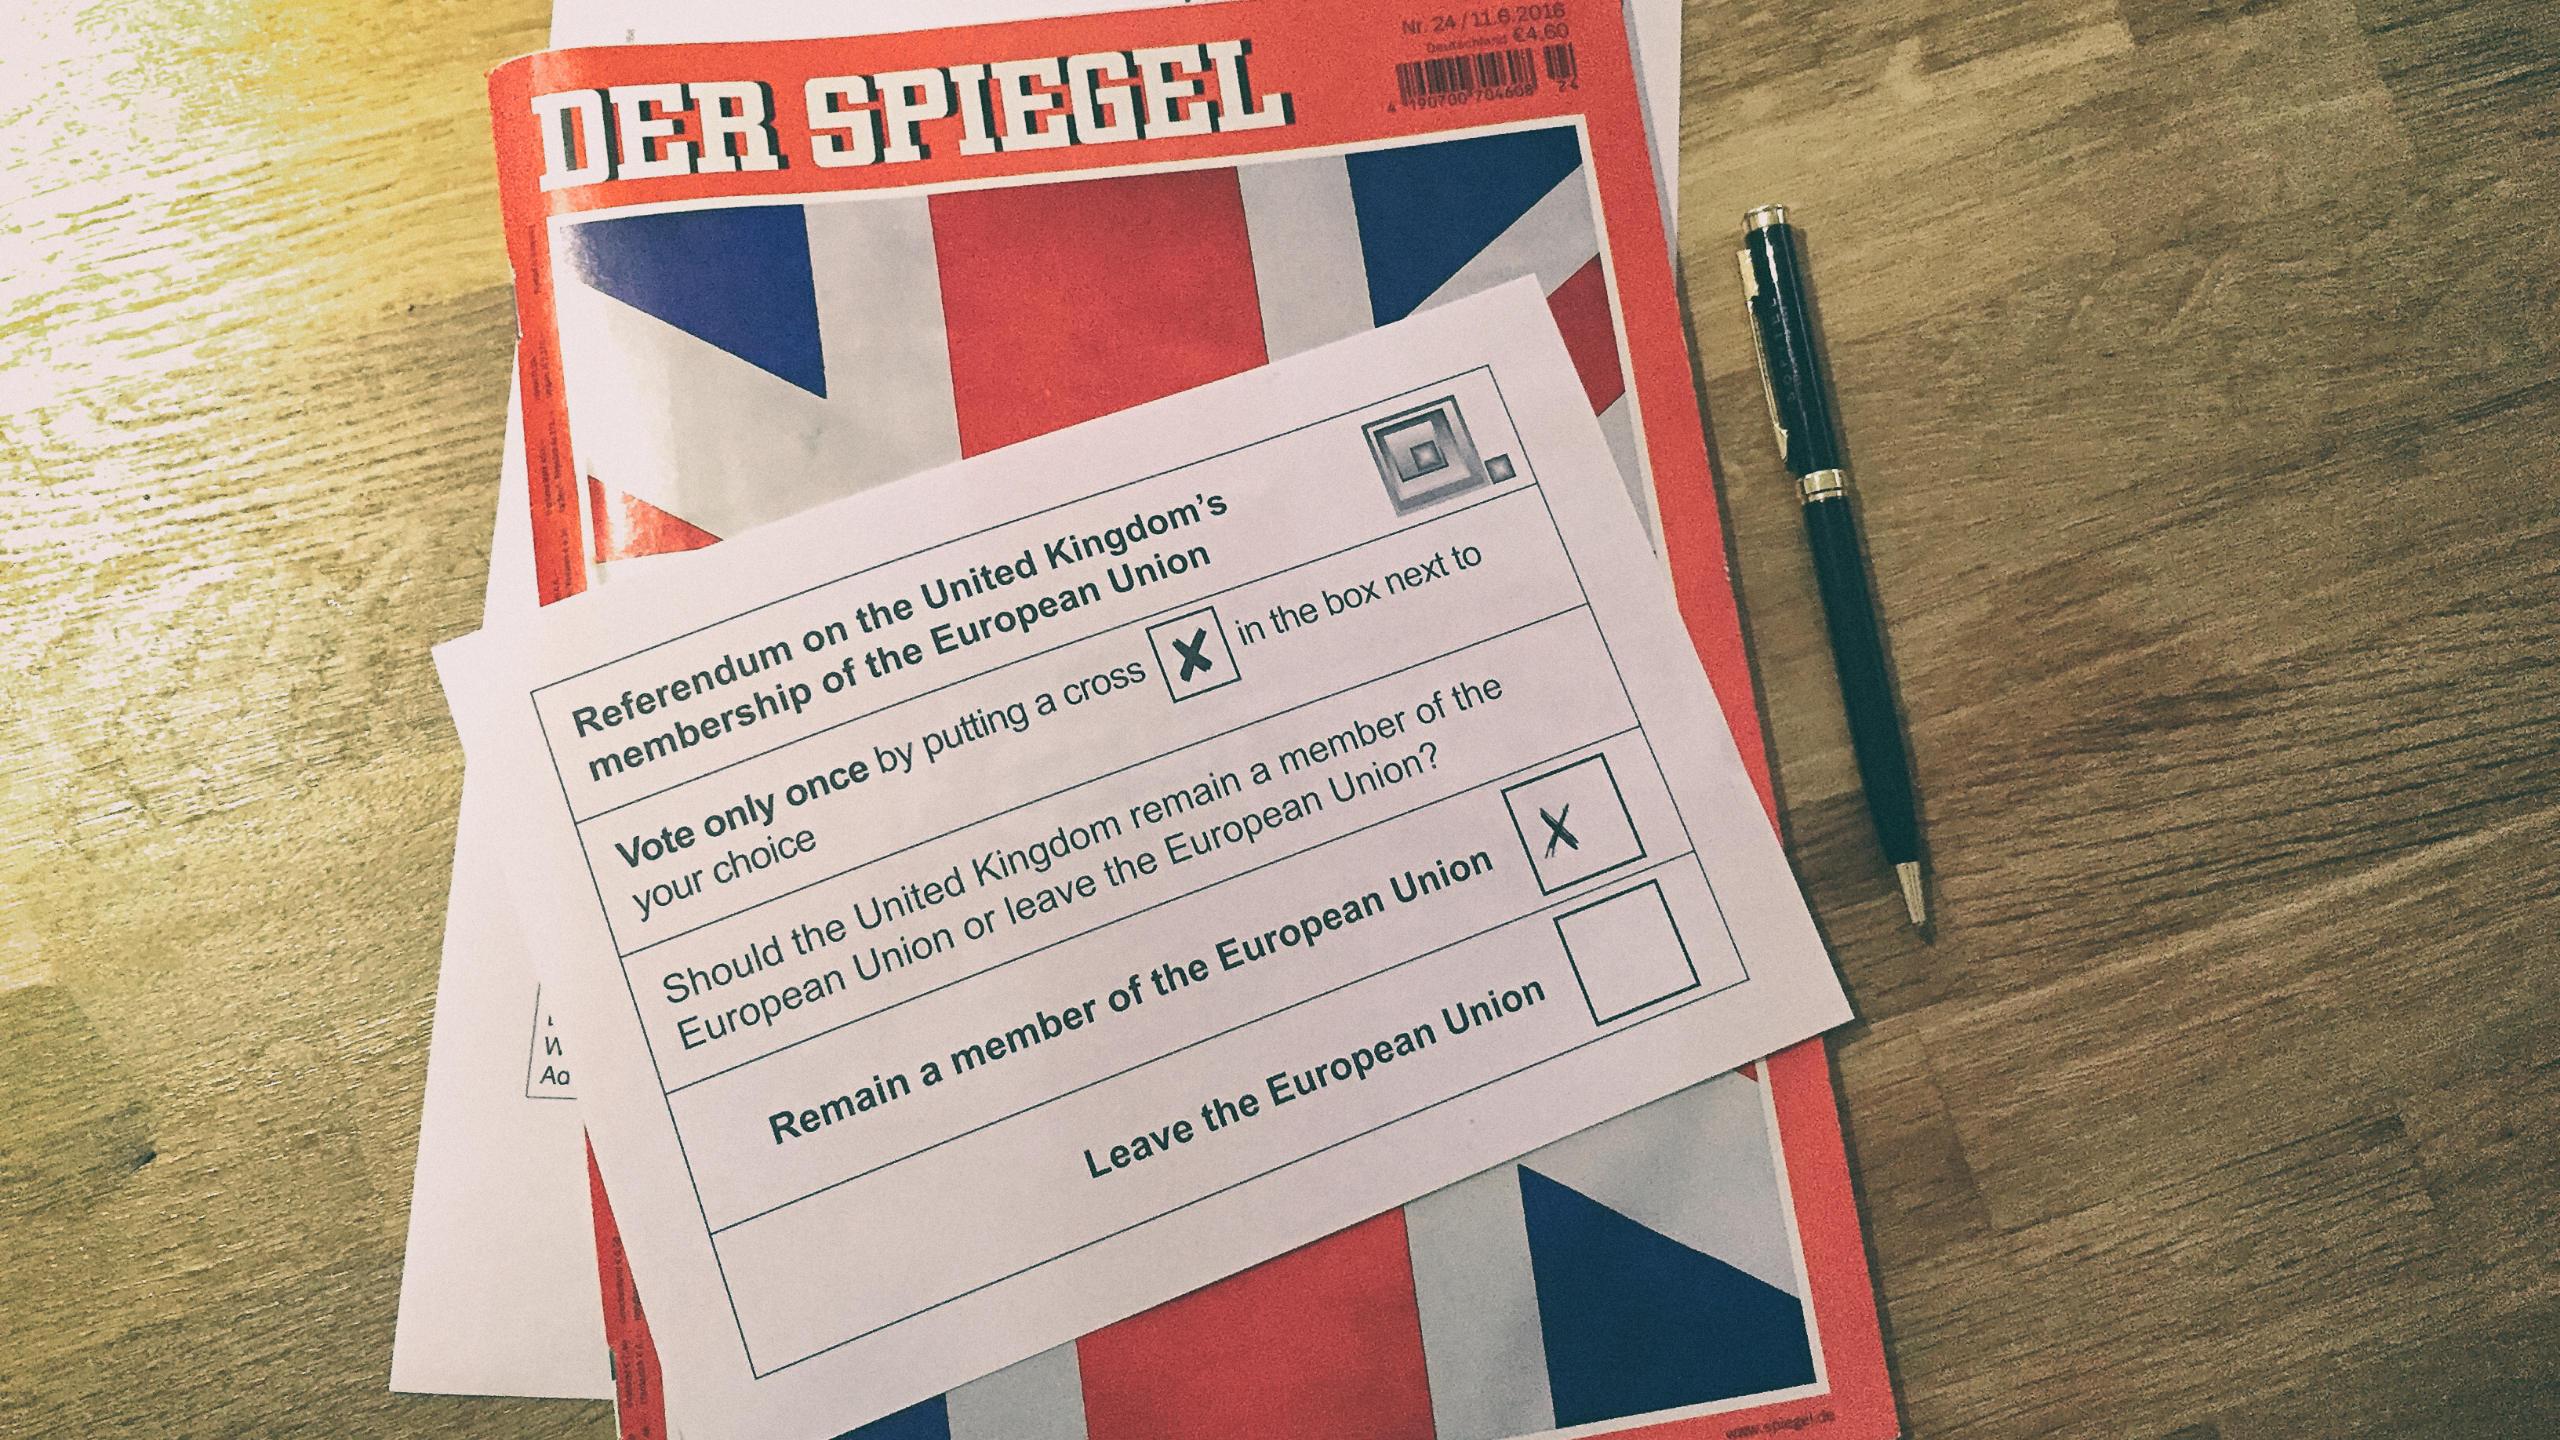 Der Spiegel Referendum